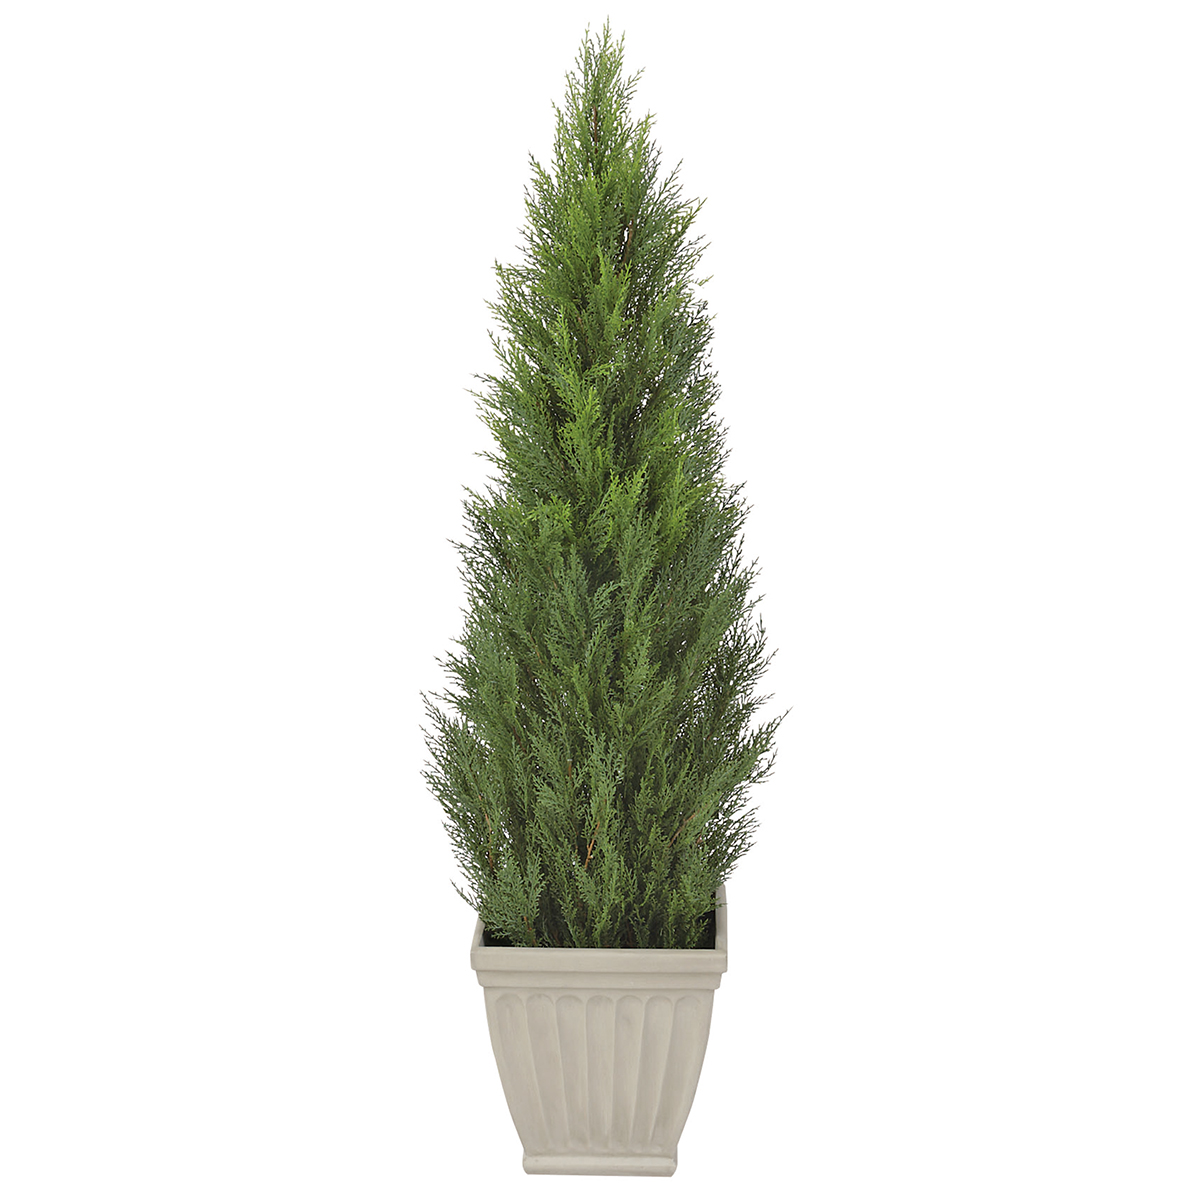 堅実な究極の HBKD-1-028   観葉植物 インテリアグリーン フェイクグリーン オフィスグリーン:R.F.YAMAKAWA H1500mm コニファー-花・観葉植物